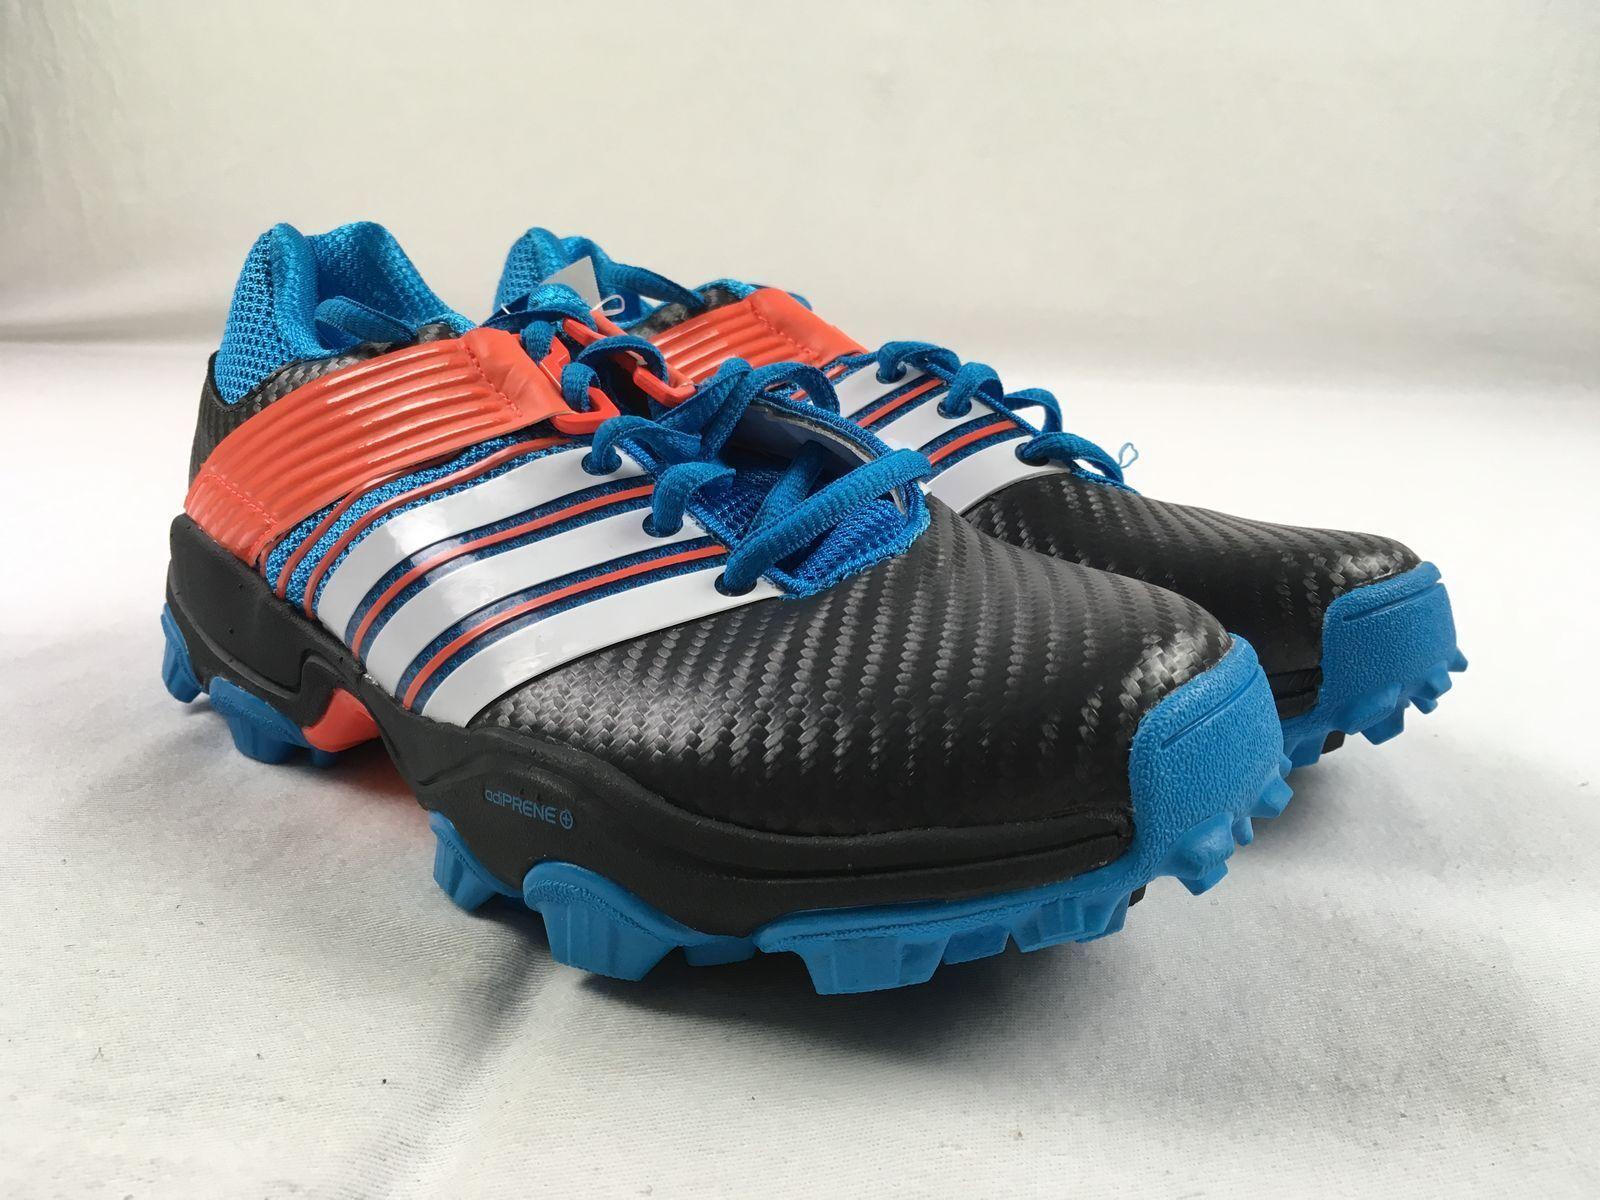 Nuove adidas adistar hockey   blu   arancia 4 milioni di scarpe (uomini 5.5) | Sensazione Di Comfort  | Scolaro/Signora Scarpa